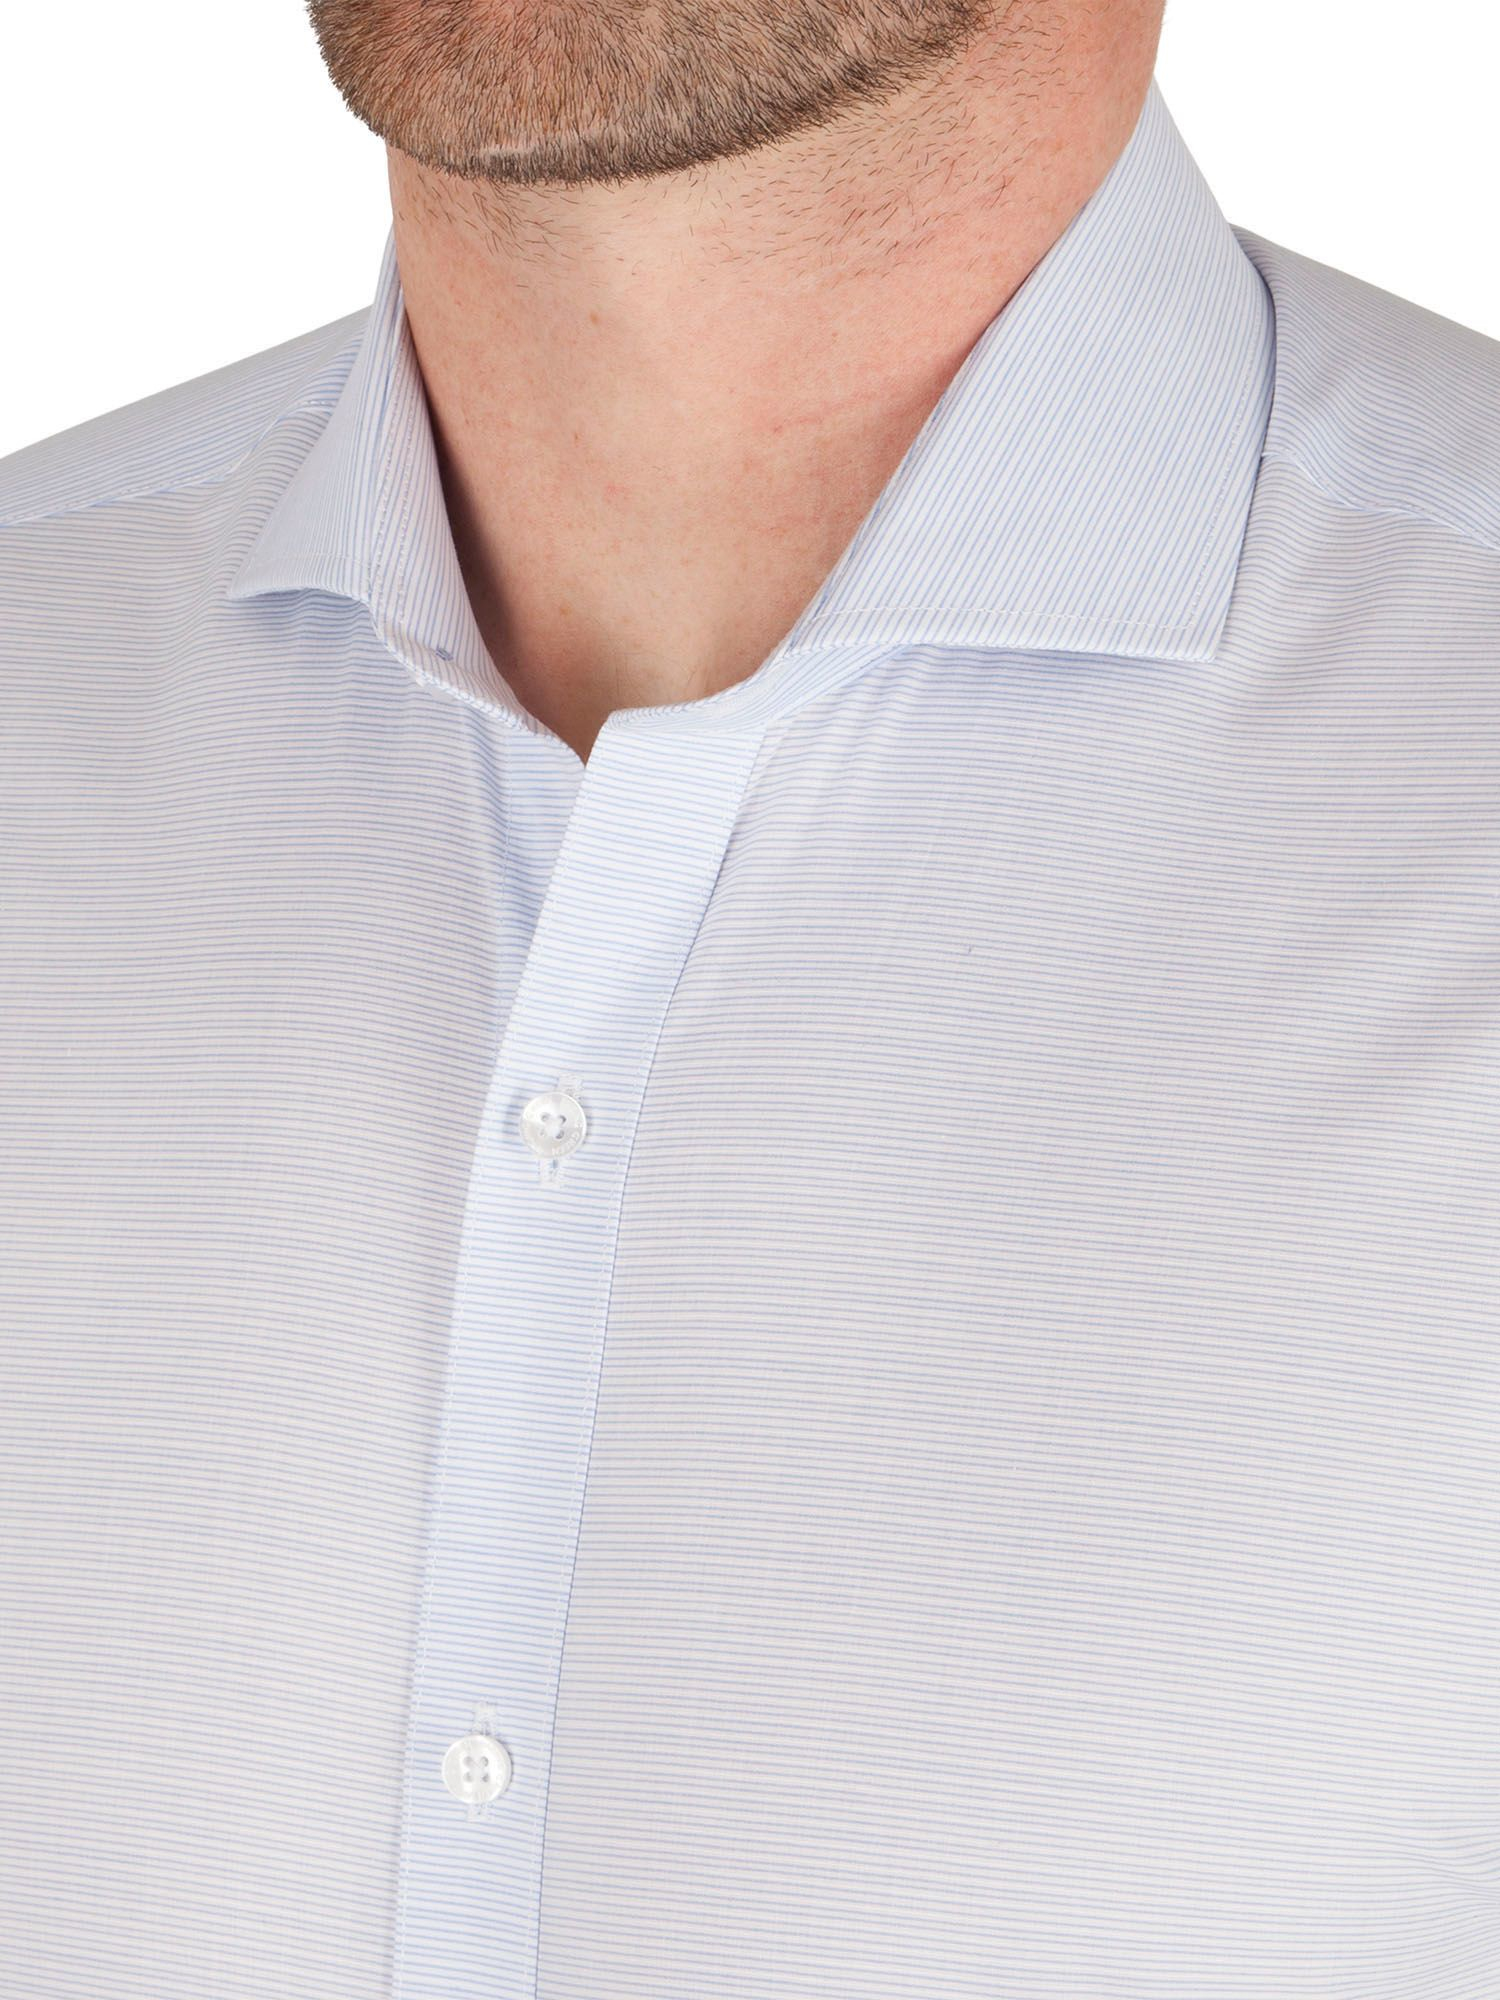 Racing green chandler horizontal stripe formal shirt in for Horizontal striped dress shirts men